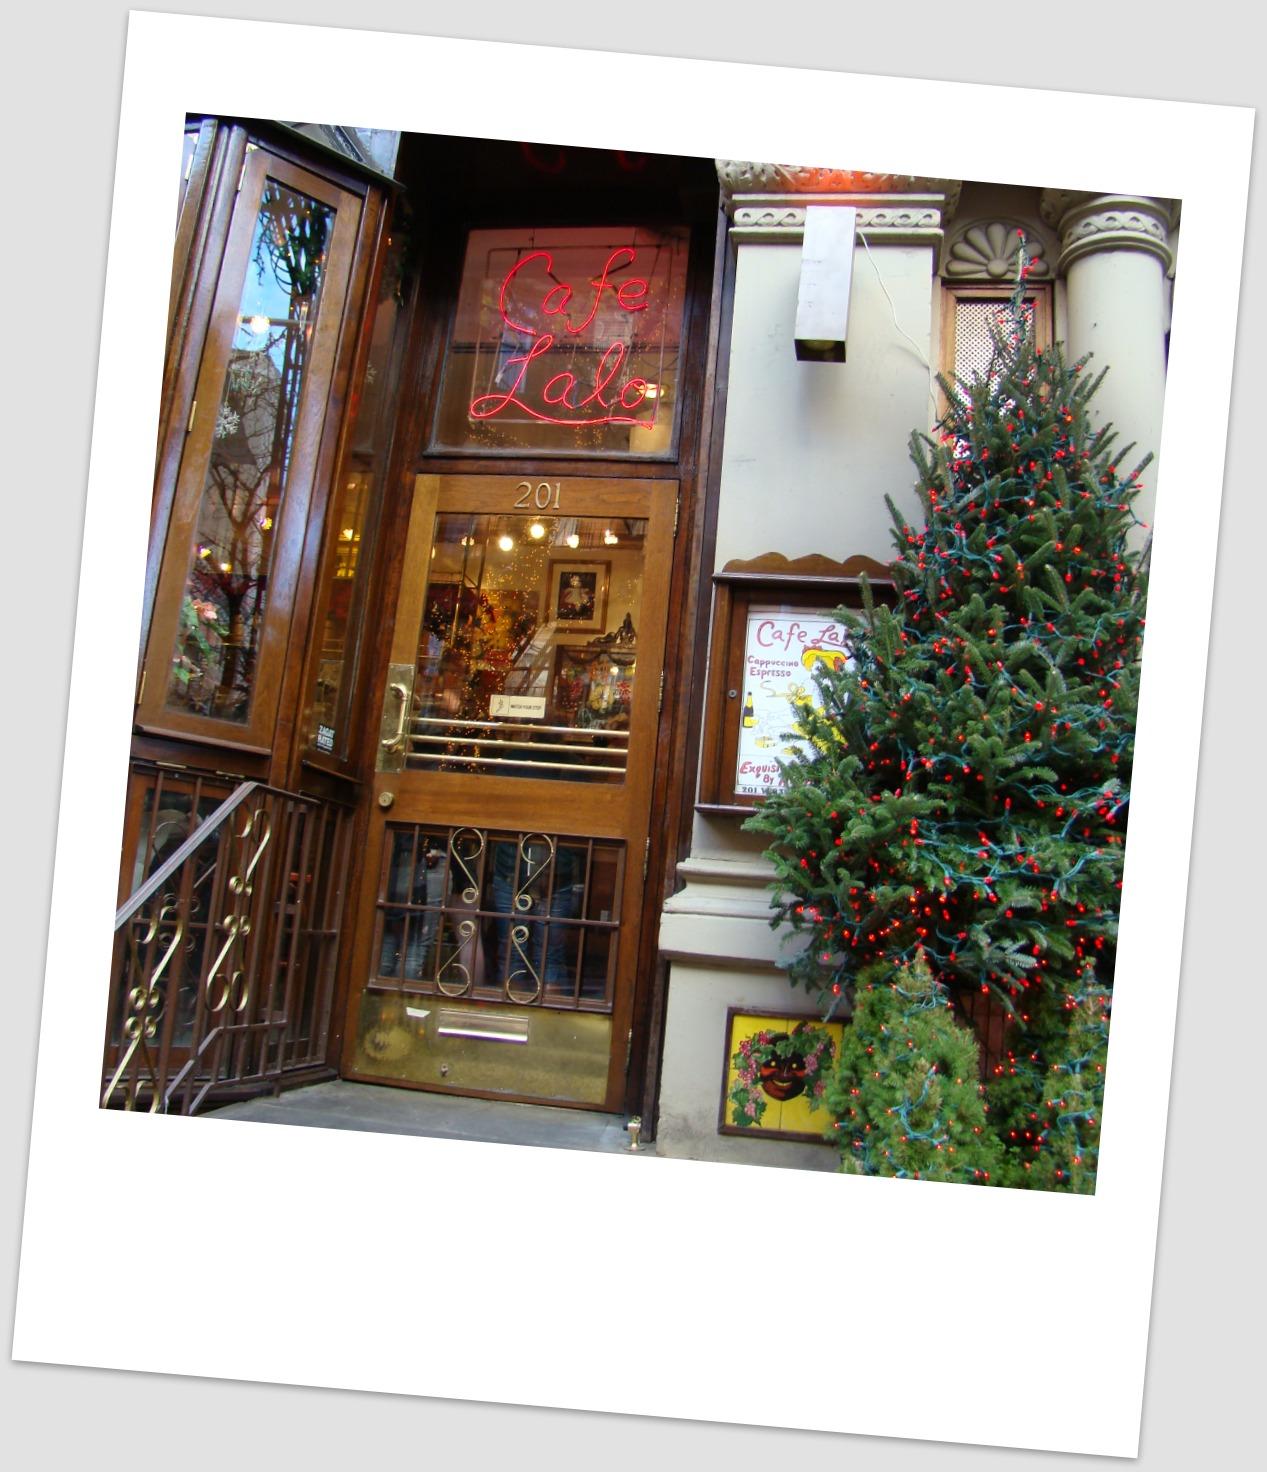 http://4.bp.blogspot.com/_02rfmKdeUW4/TQX7y3gboUI/AAAAAAAAAbs/35fkPyQlCoQ/s1600/CAFE+LALO+POLAROID.jpg